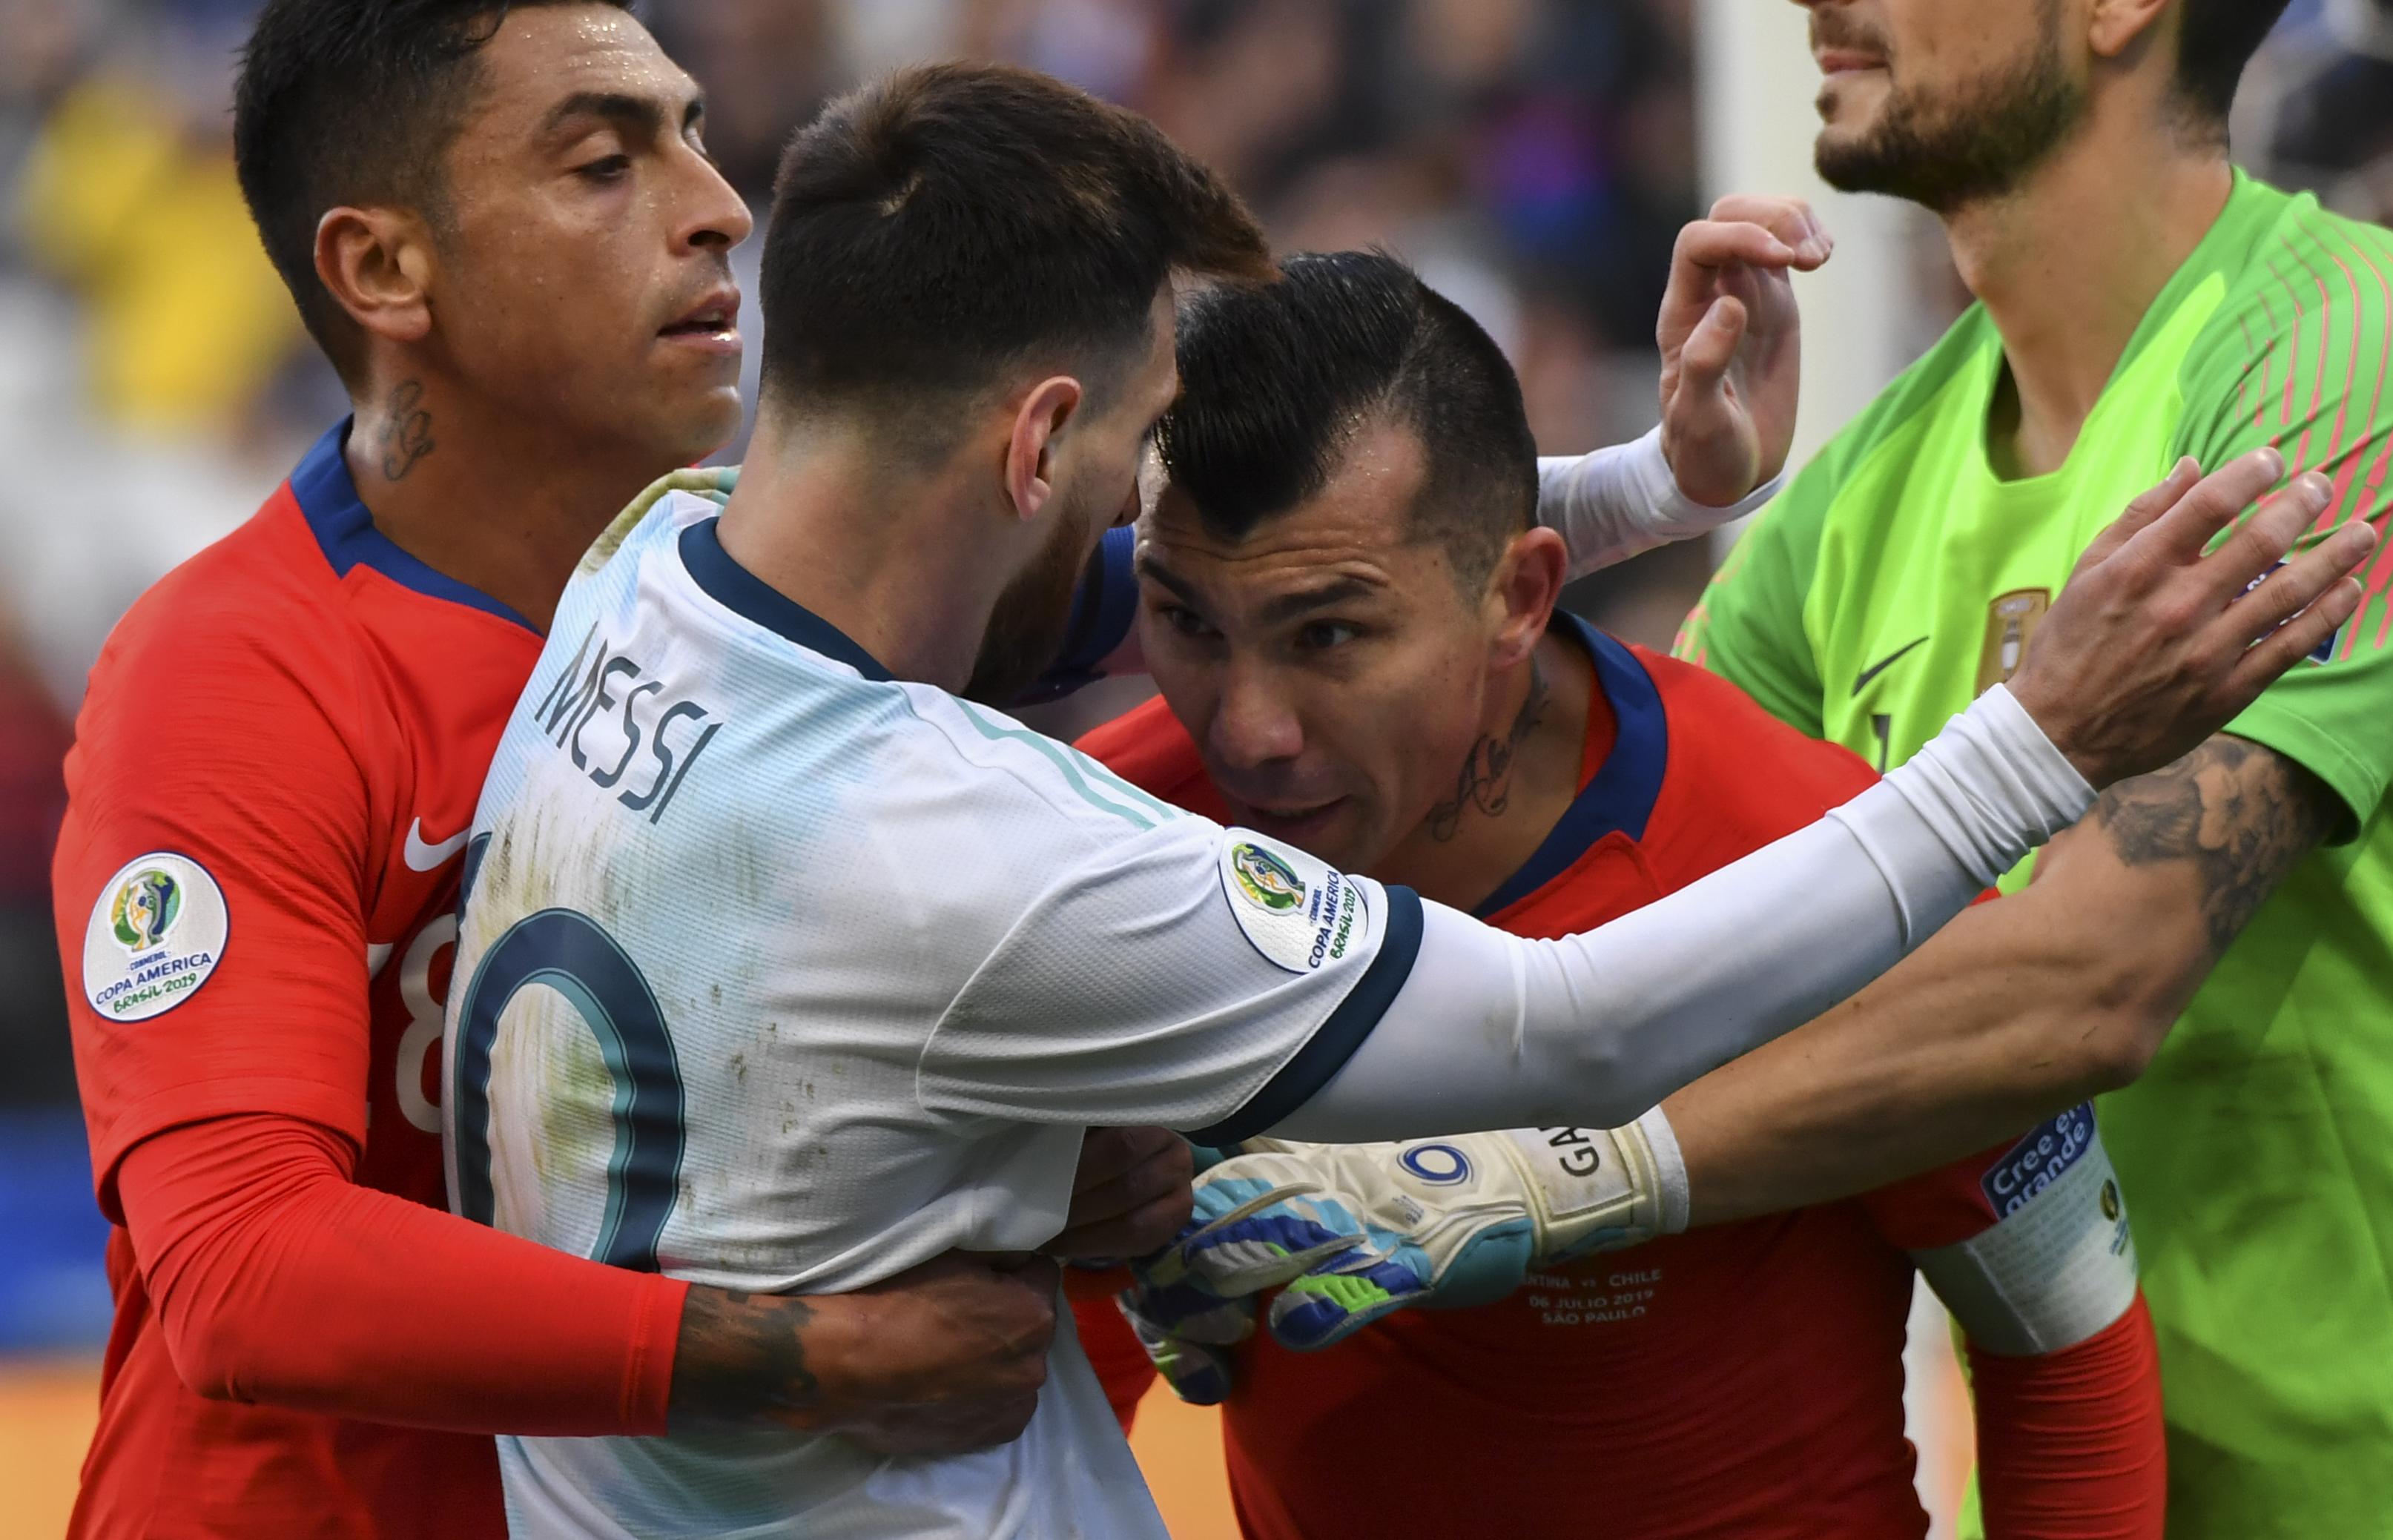 Messi x Medel duelo em Itaquera